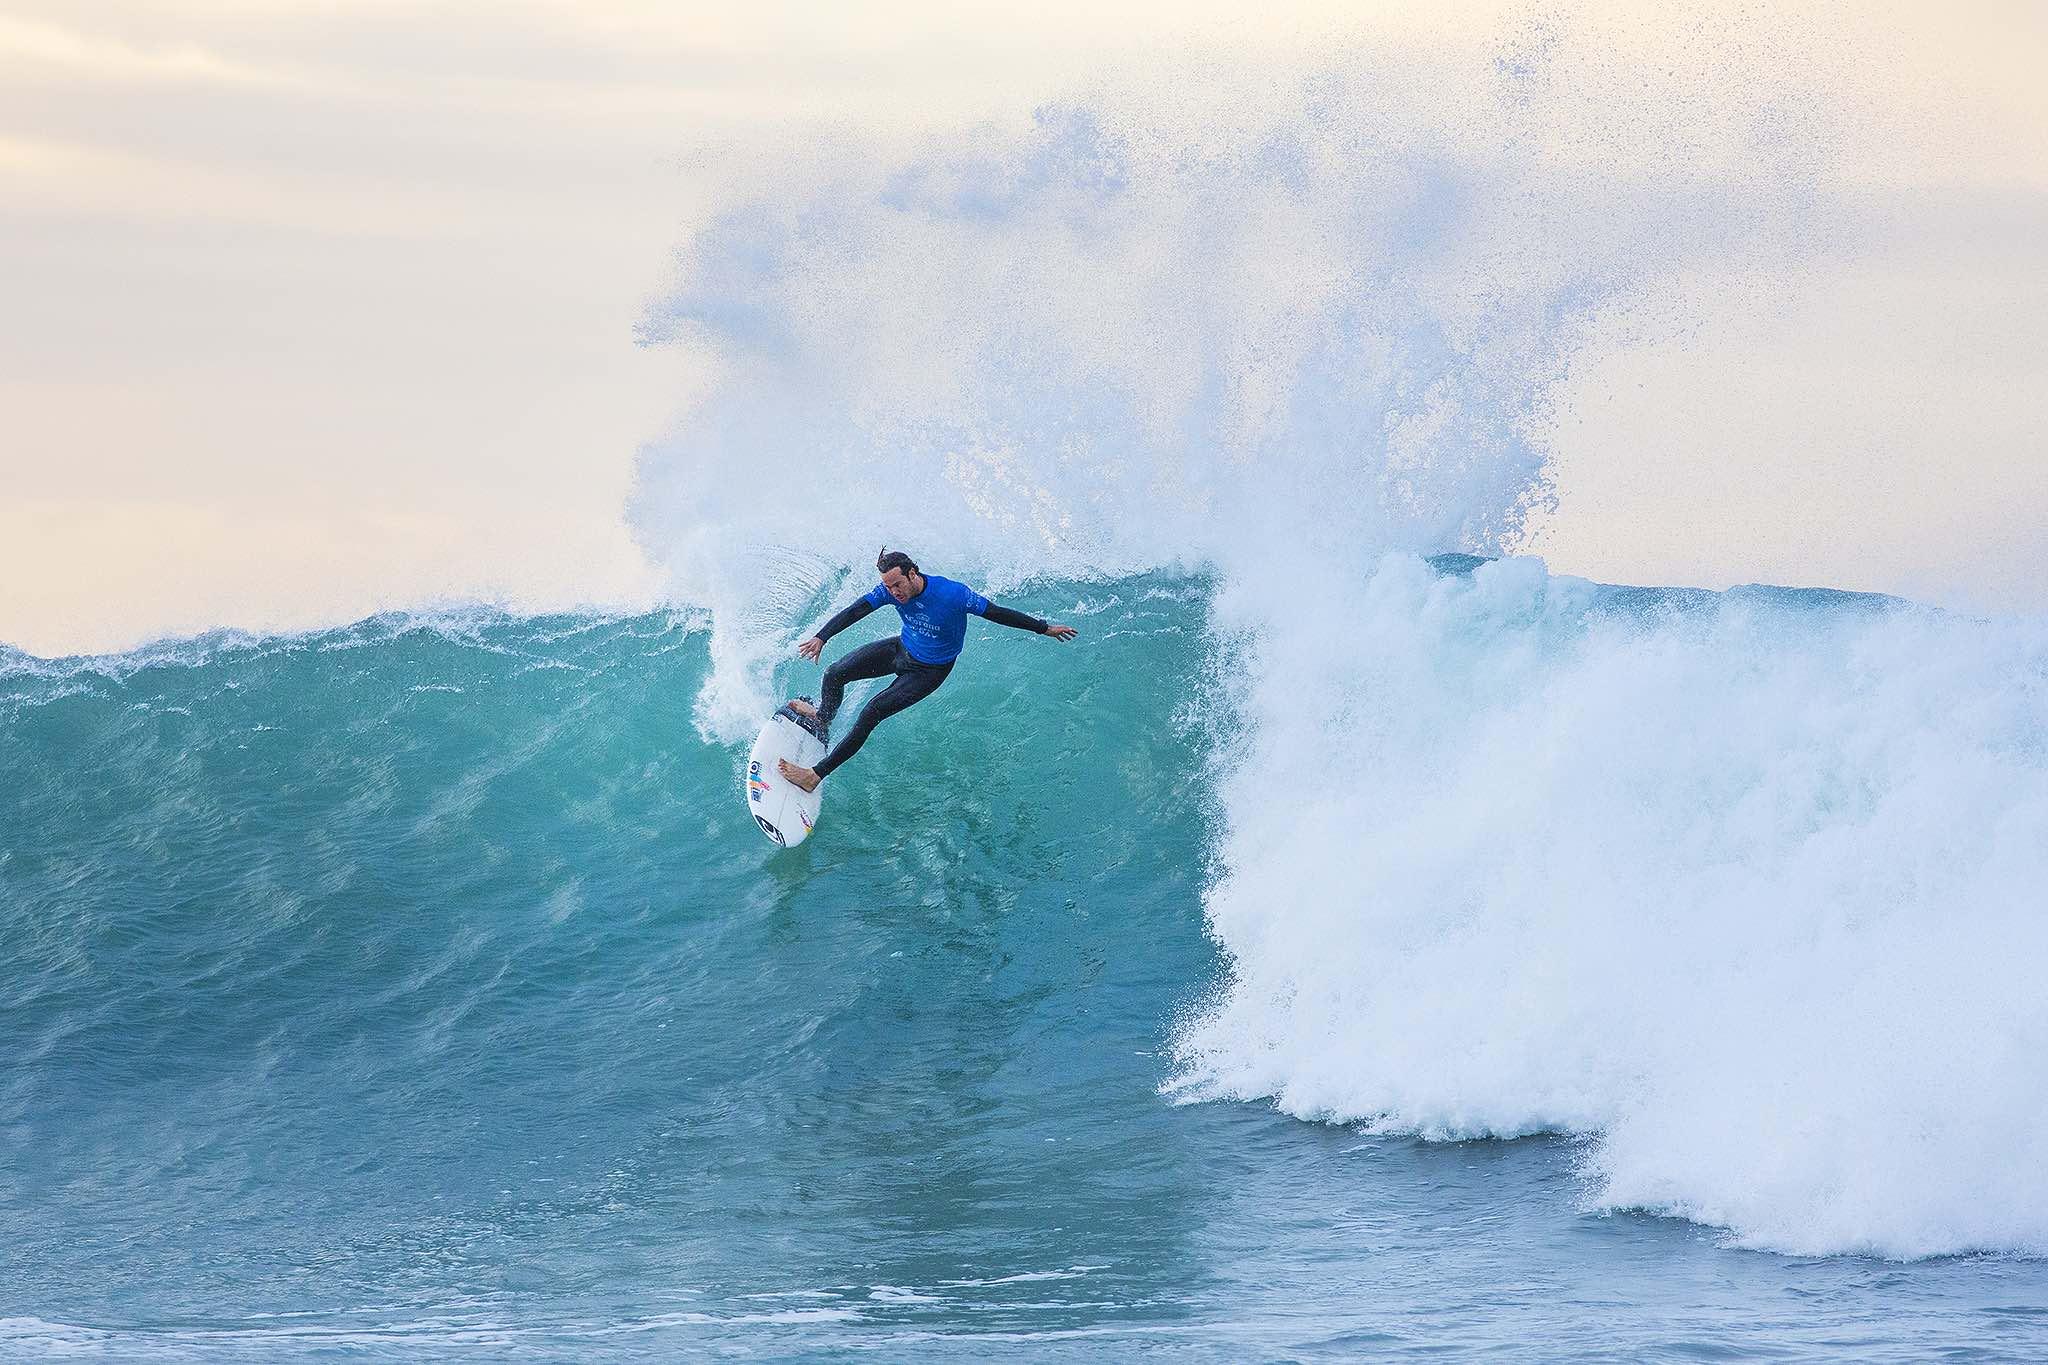 Jordy Smith surfing in the Corona Open J-Bay